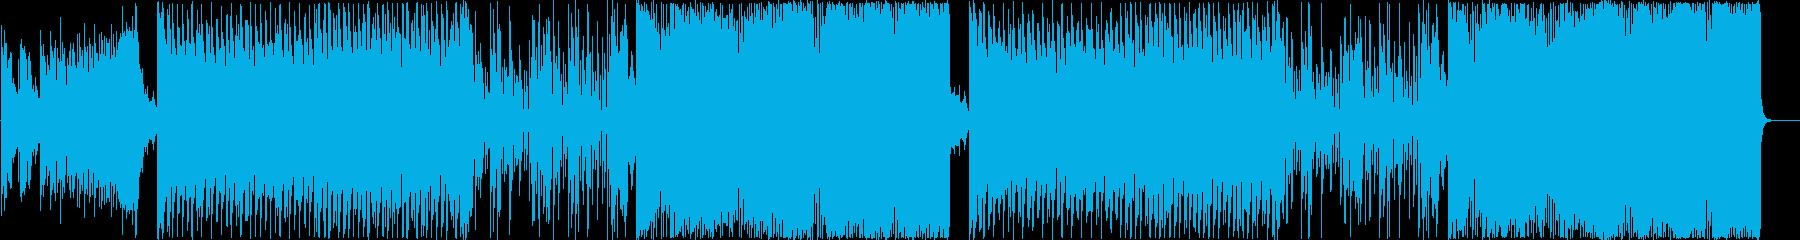 クラブ系ハードEDM、K-POPトラックの再生済みの波形